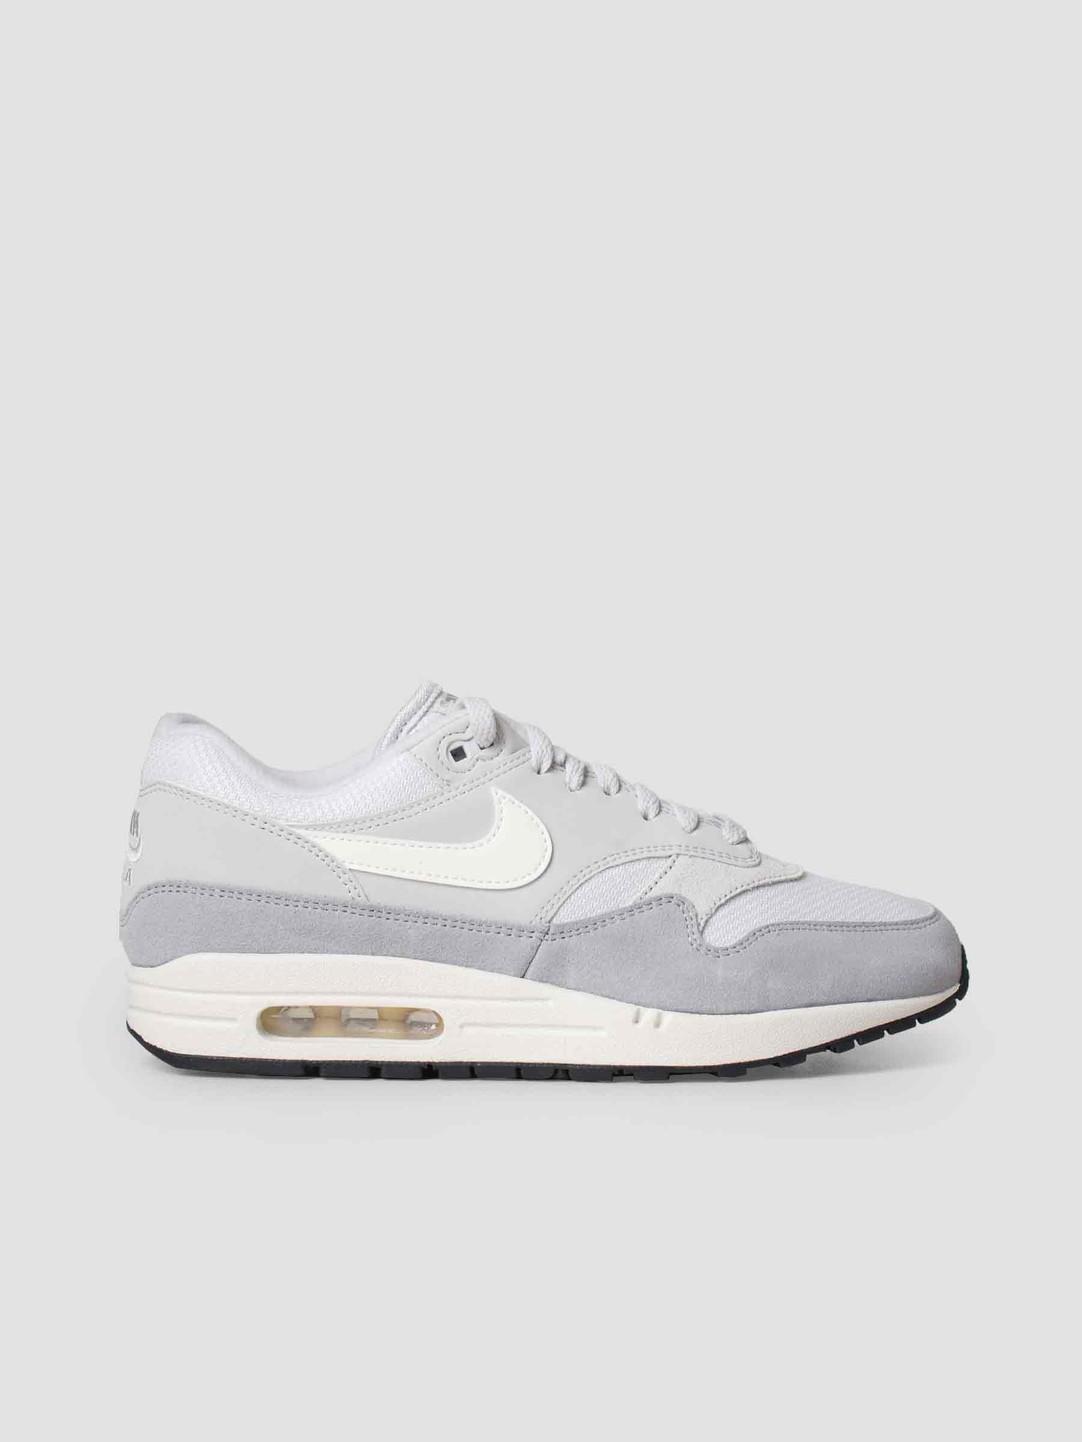 5d4416aef36 Nike Nike Air Max 1 Shoe Vast Grey Sail-Sail-Wolf Grey Ah8145-